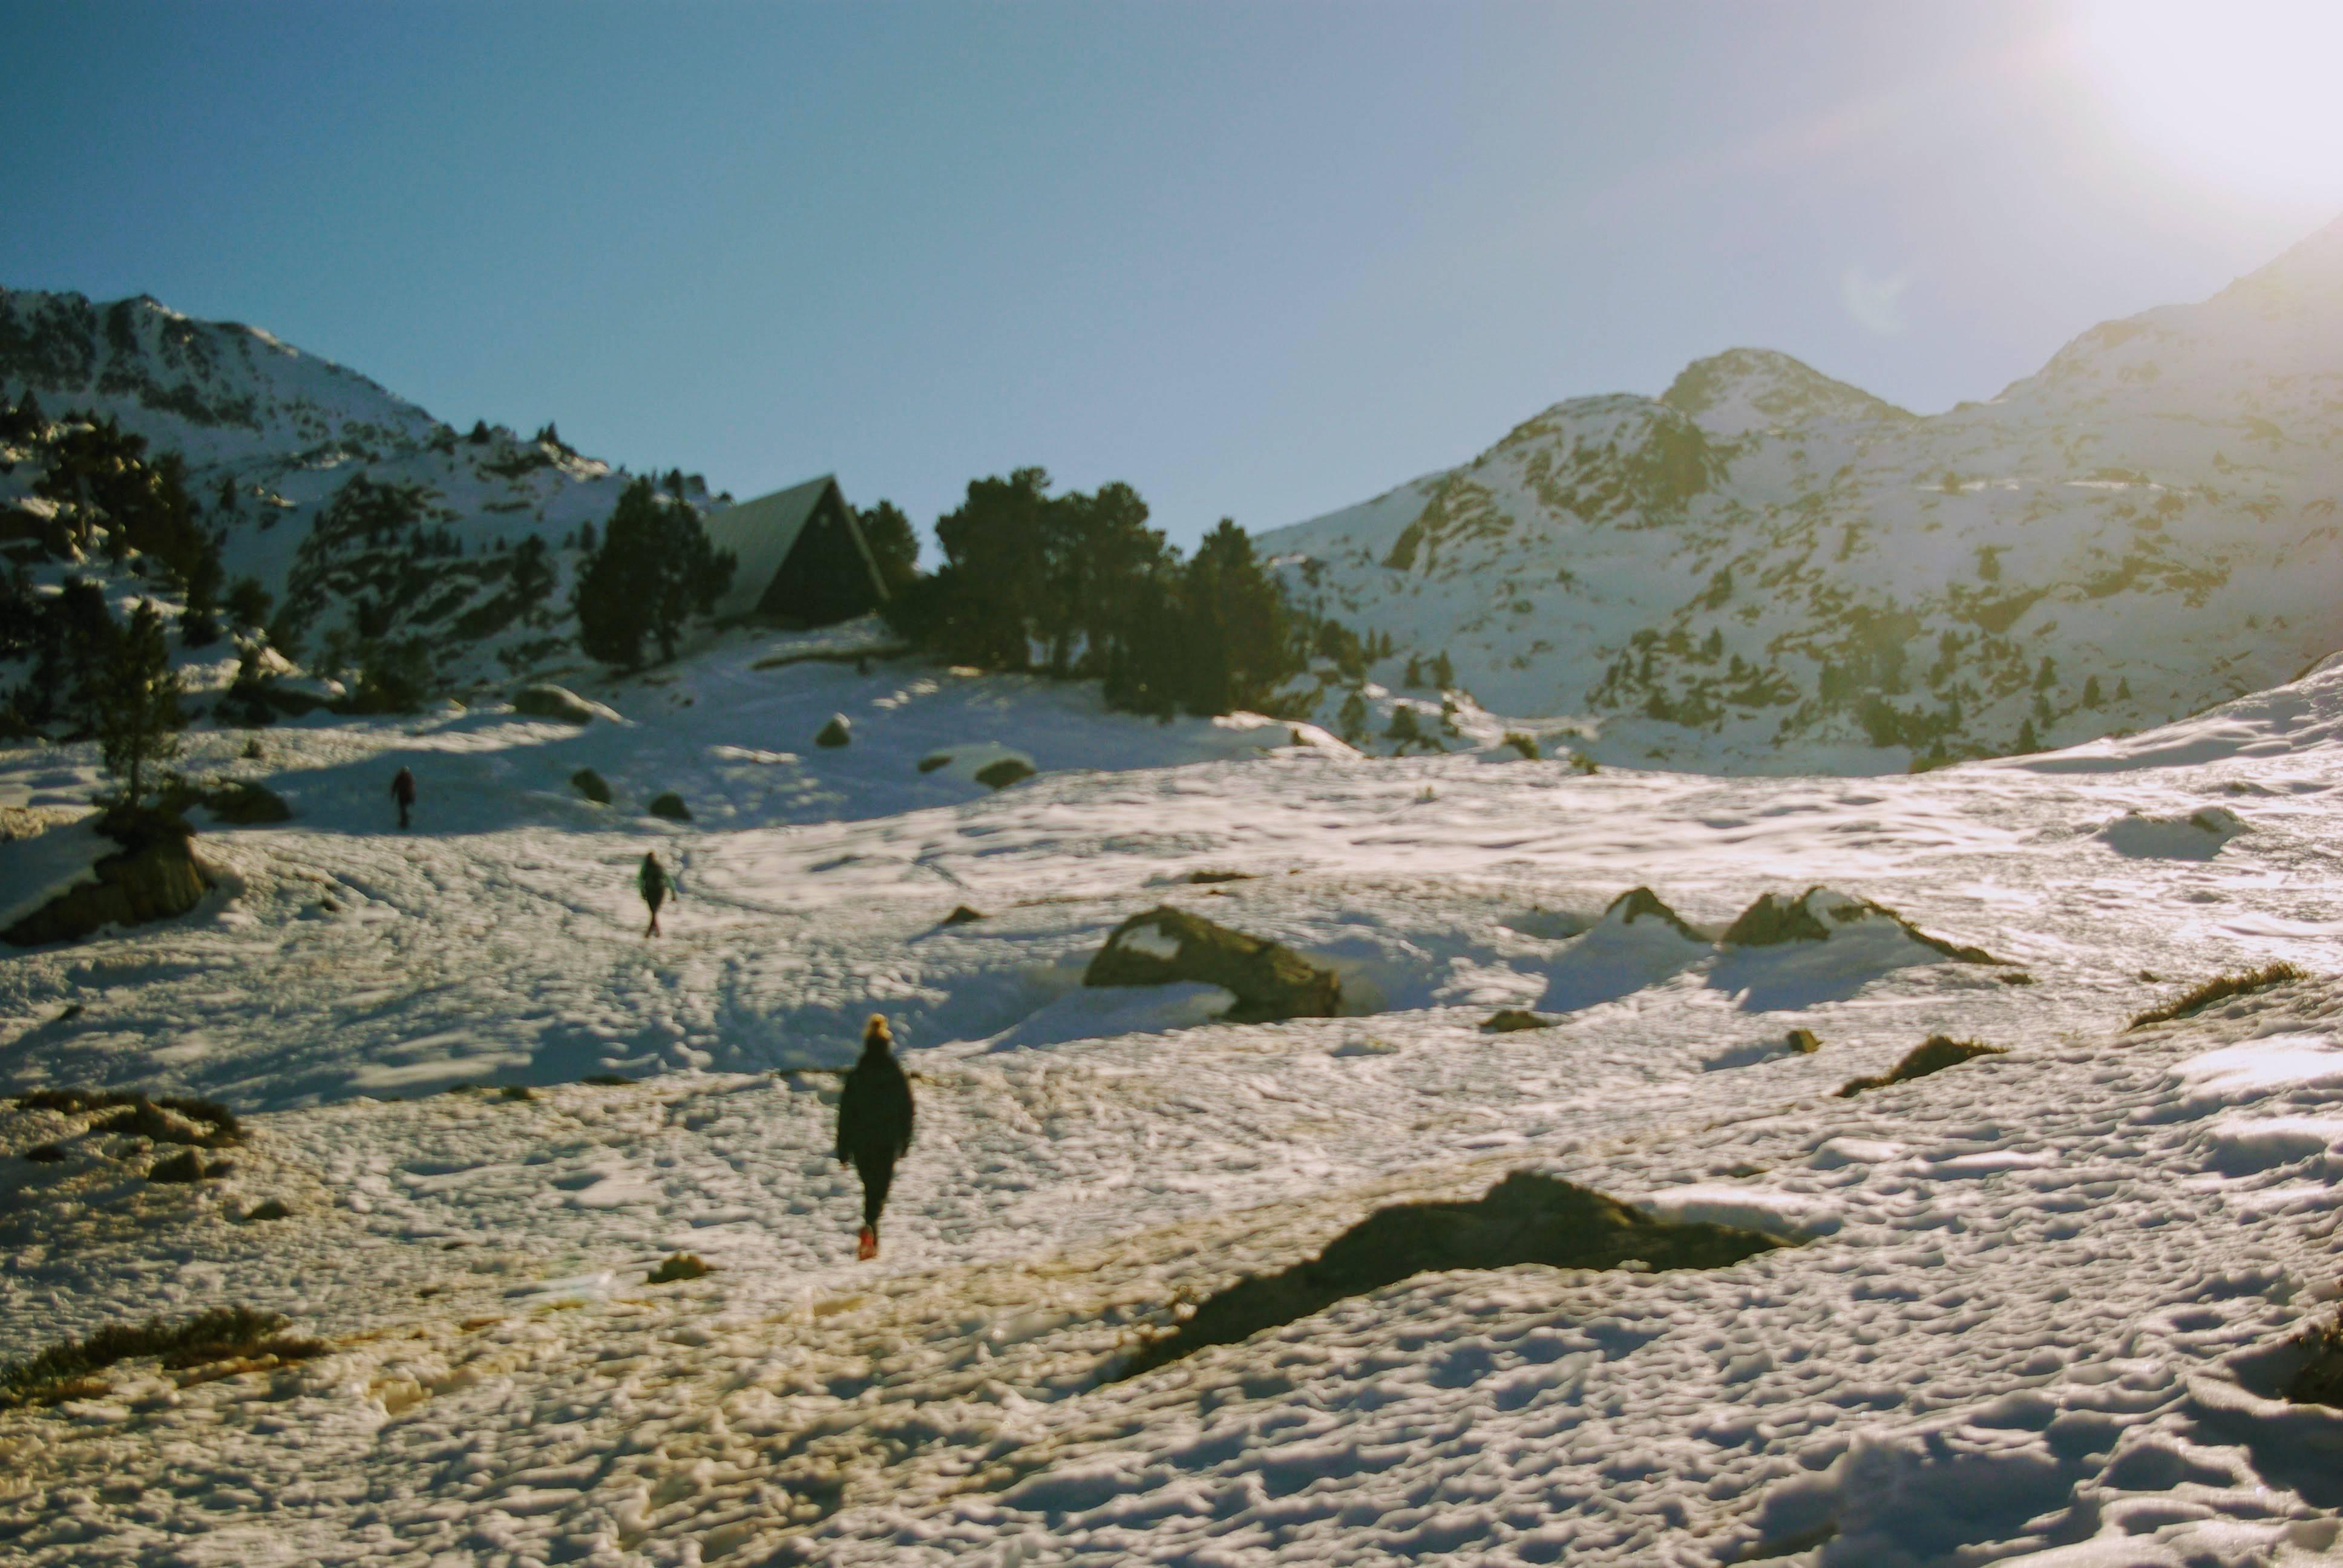 Photo 2: Refuge de Campana à 2225m dans les Hautes Pyrénnées